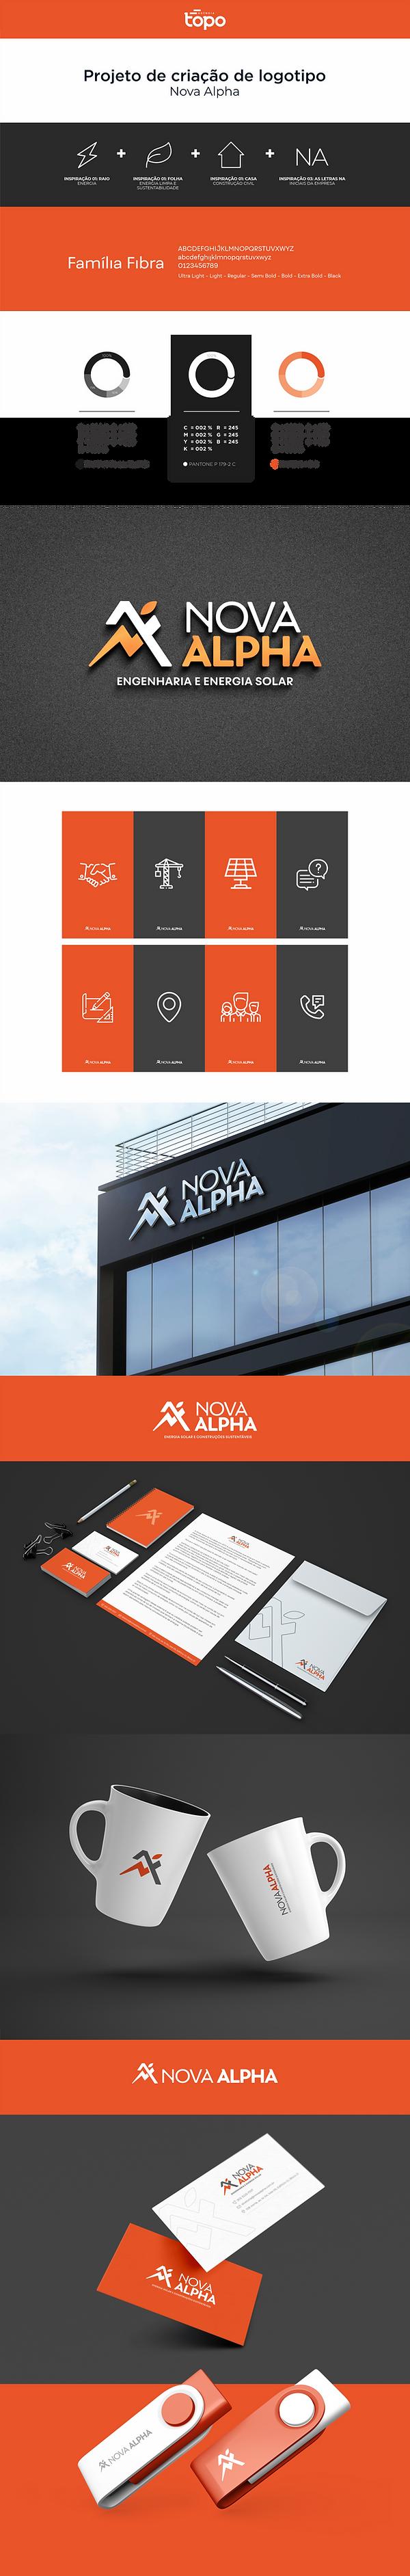 apresentação nova alpha.png